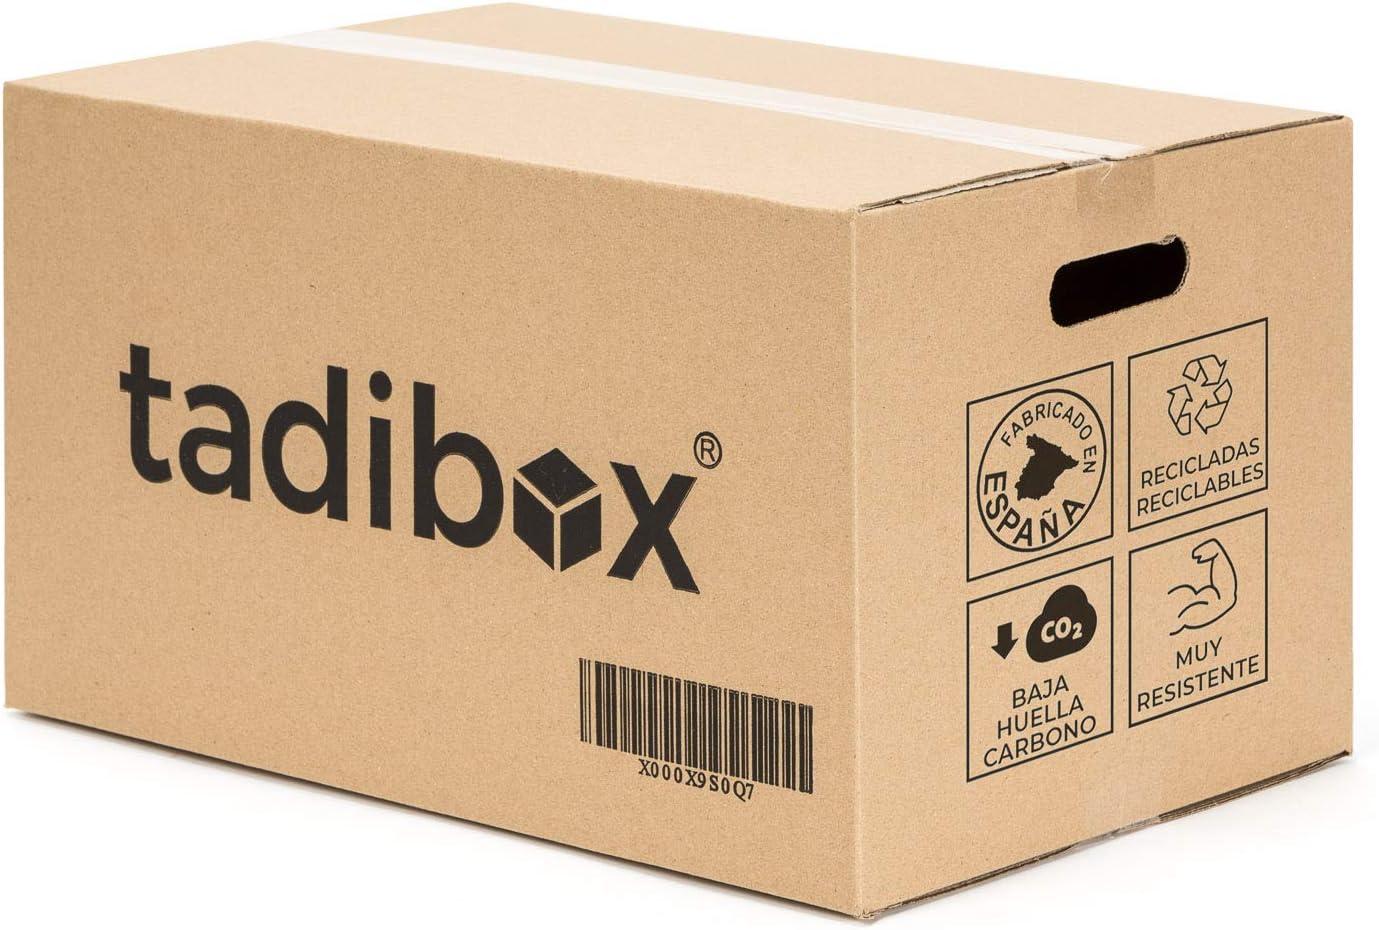 TADIBOX M - 12 Cajas de Cartón para Mudanza y Almacenaje con Asas - Fabricadas en España - 44x30x25cm - Resistente Gramaje 450g/m2 - ECO Box: Amazon.es: Oficina y papelería